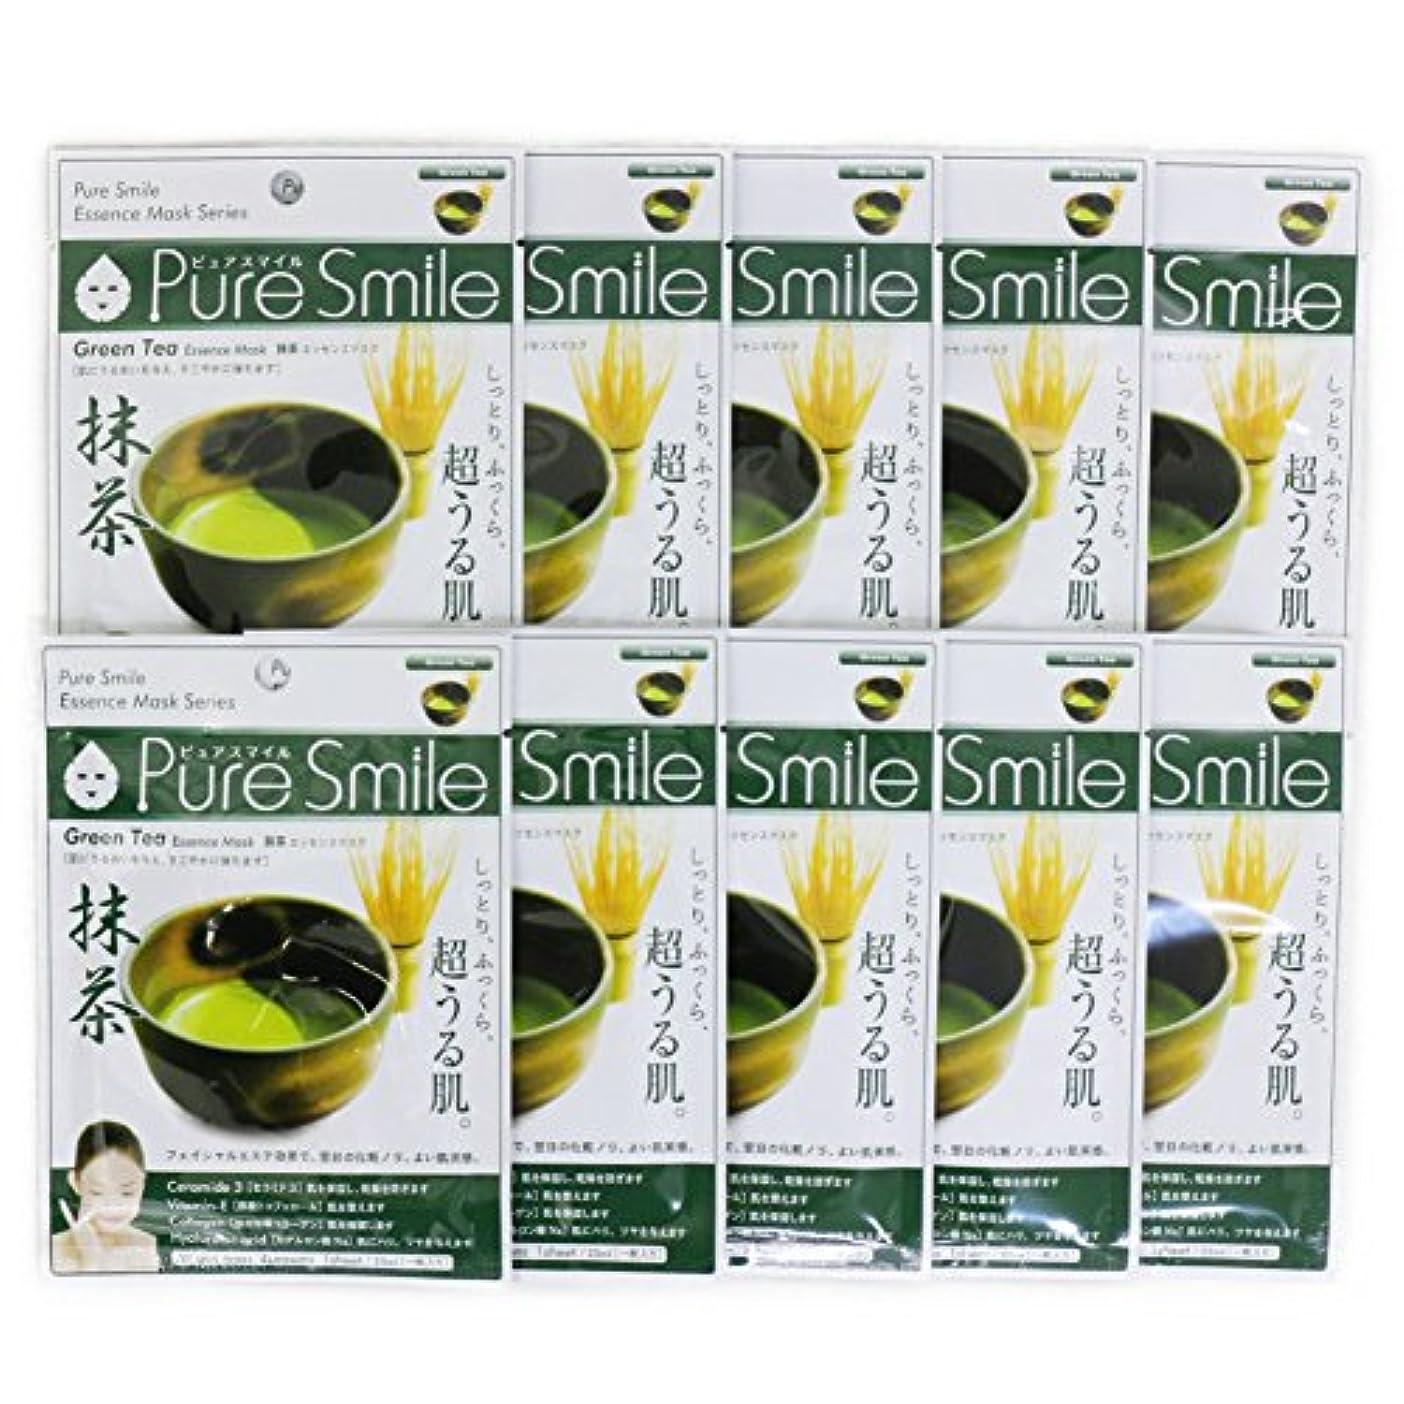 強盗評議会もっと少なくPure Smile ピュアスマイル エッセンスマスク 抹茶 10枚セット